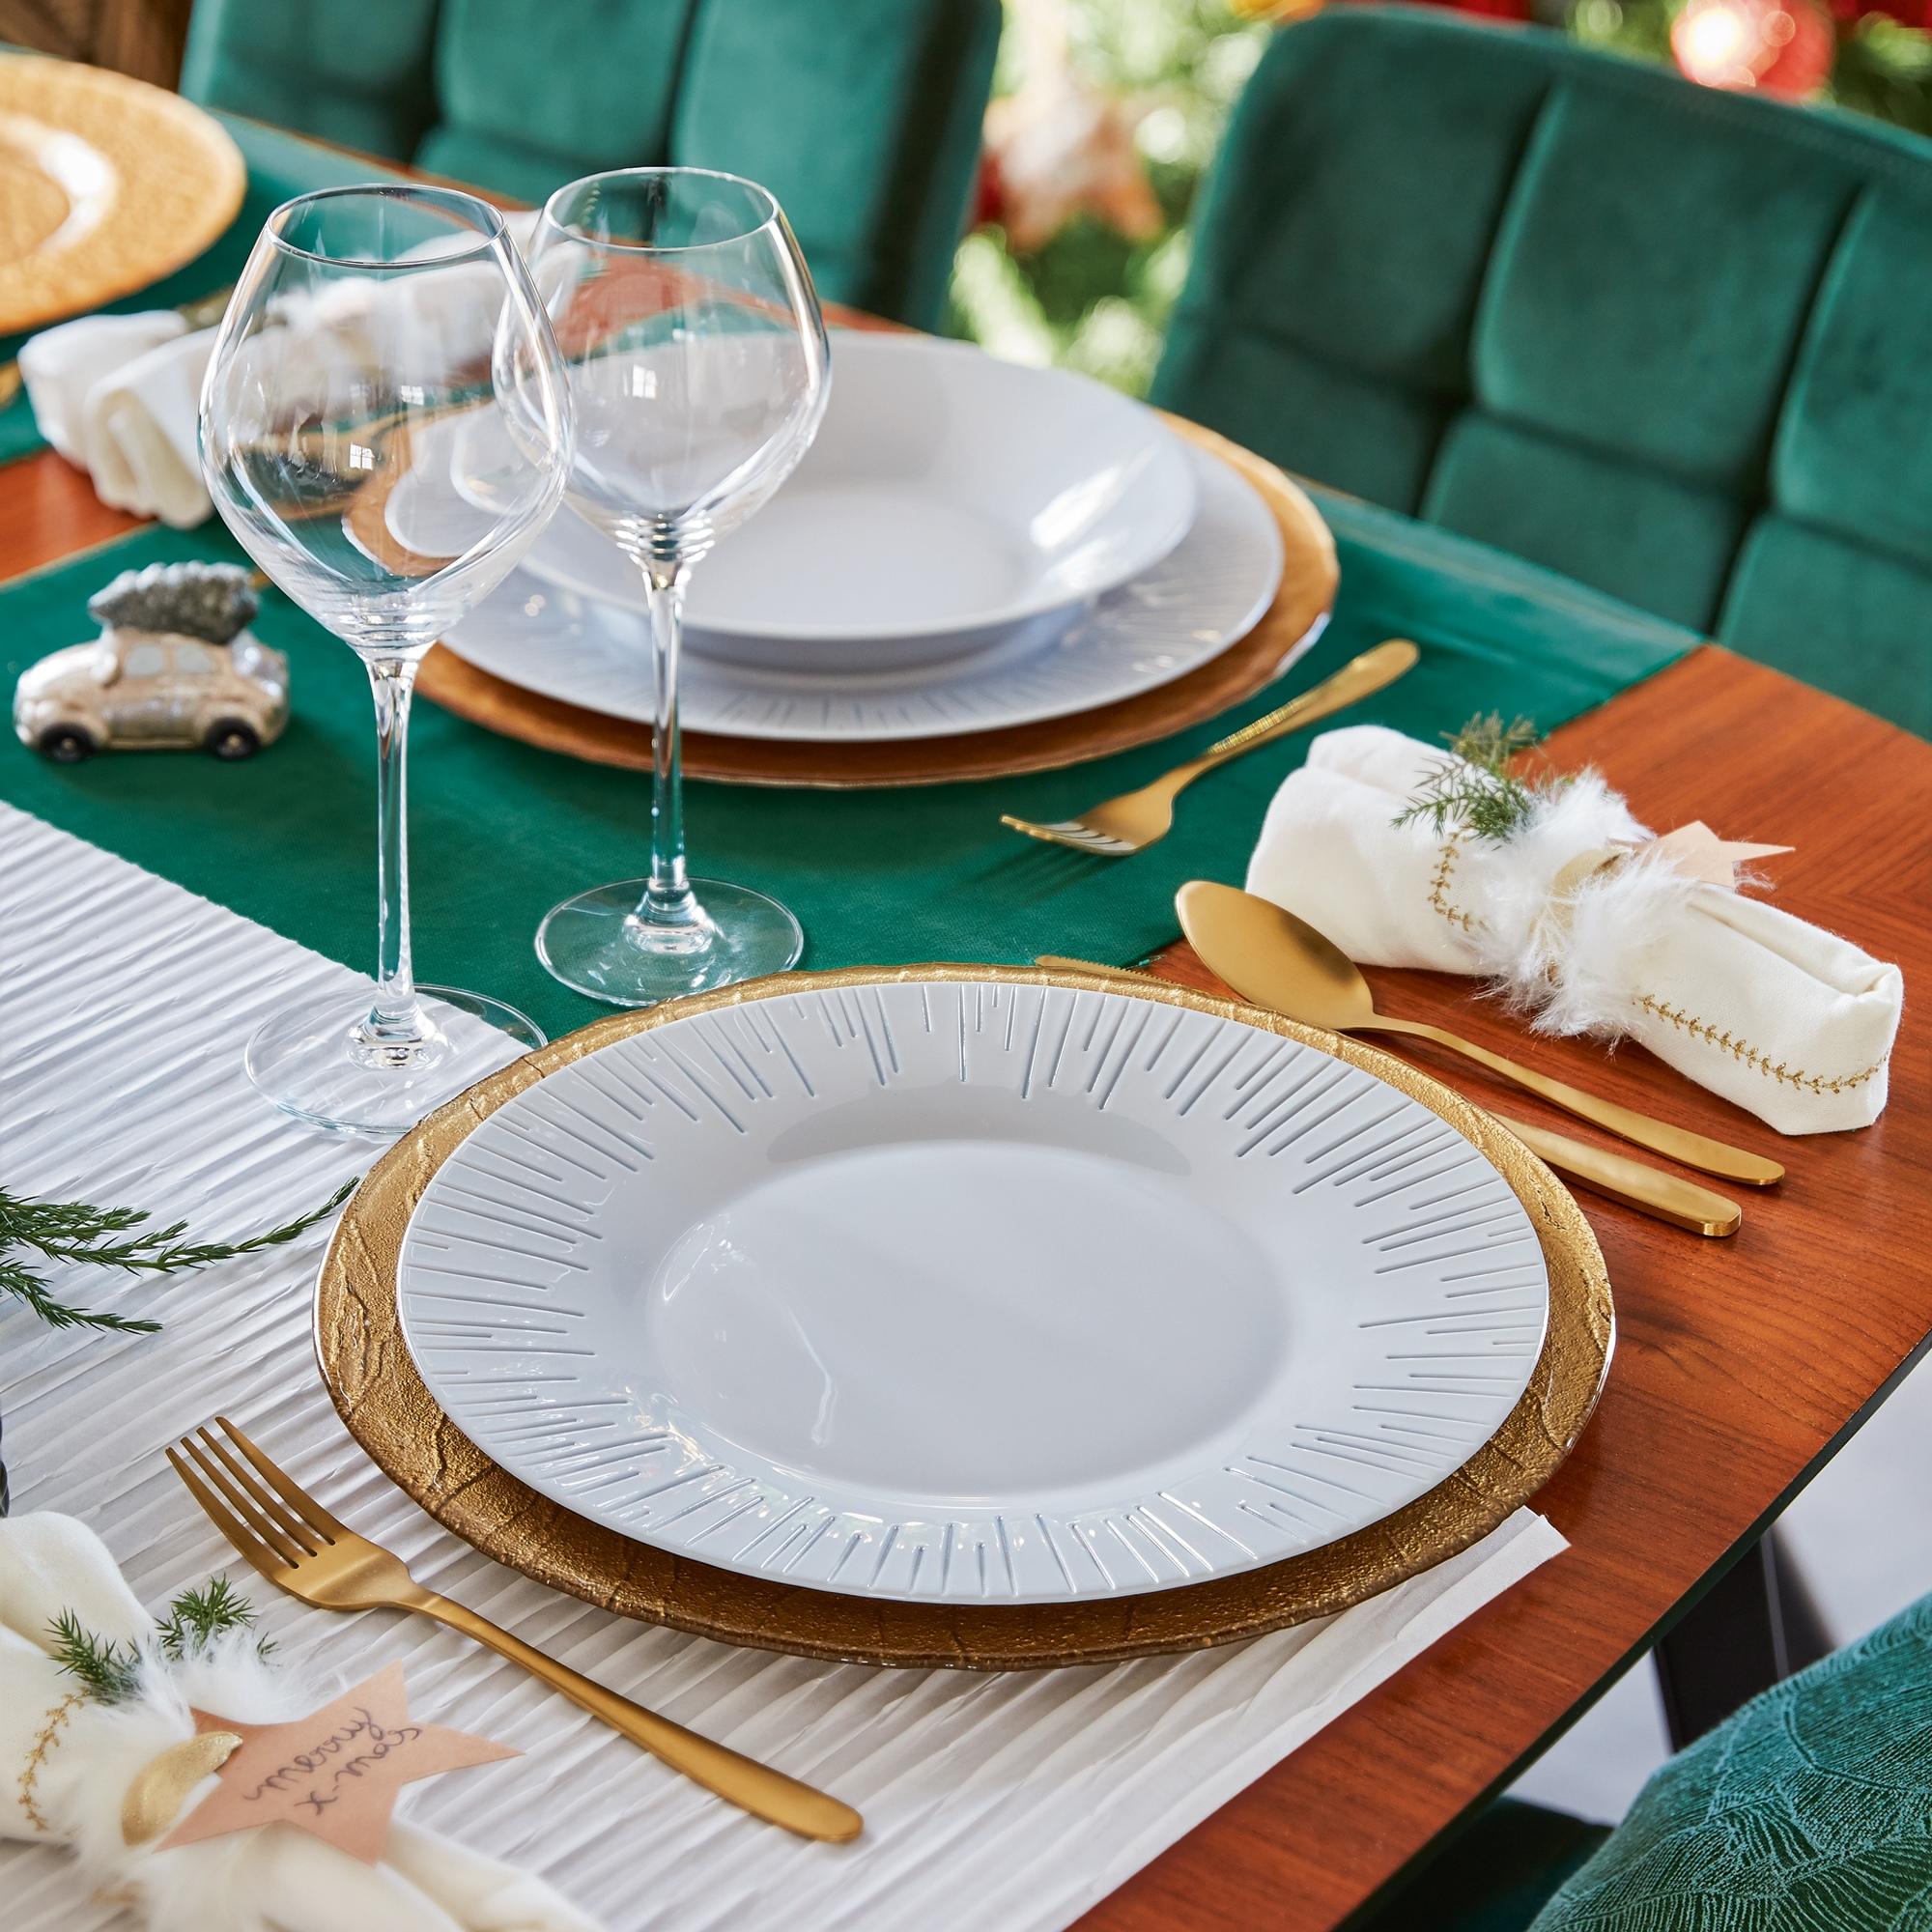 Luminarc Luminis 18pc Opal Glass Dinner Set Dinnerware Modern Summer Plates NEW